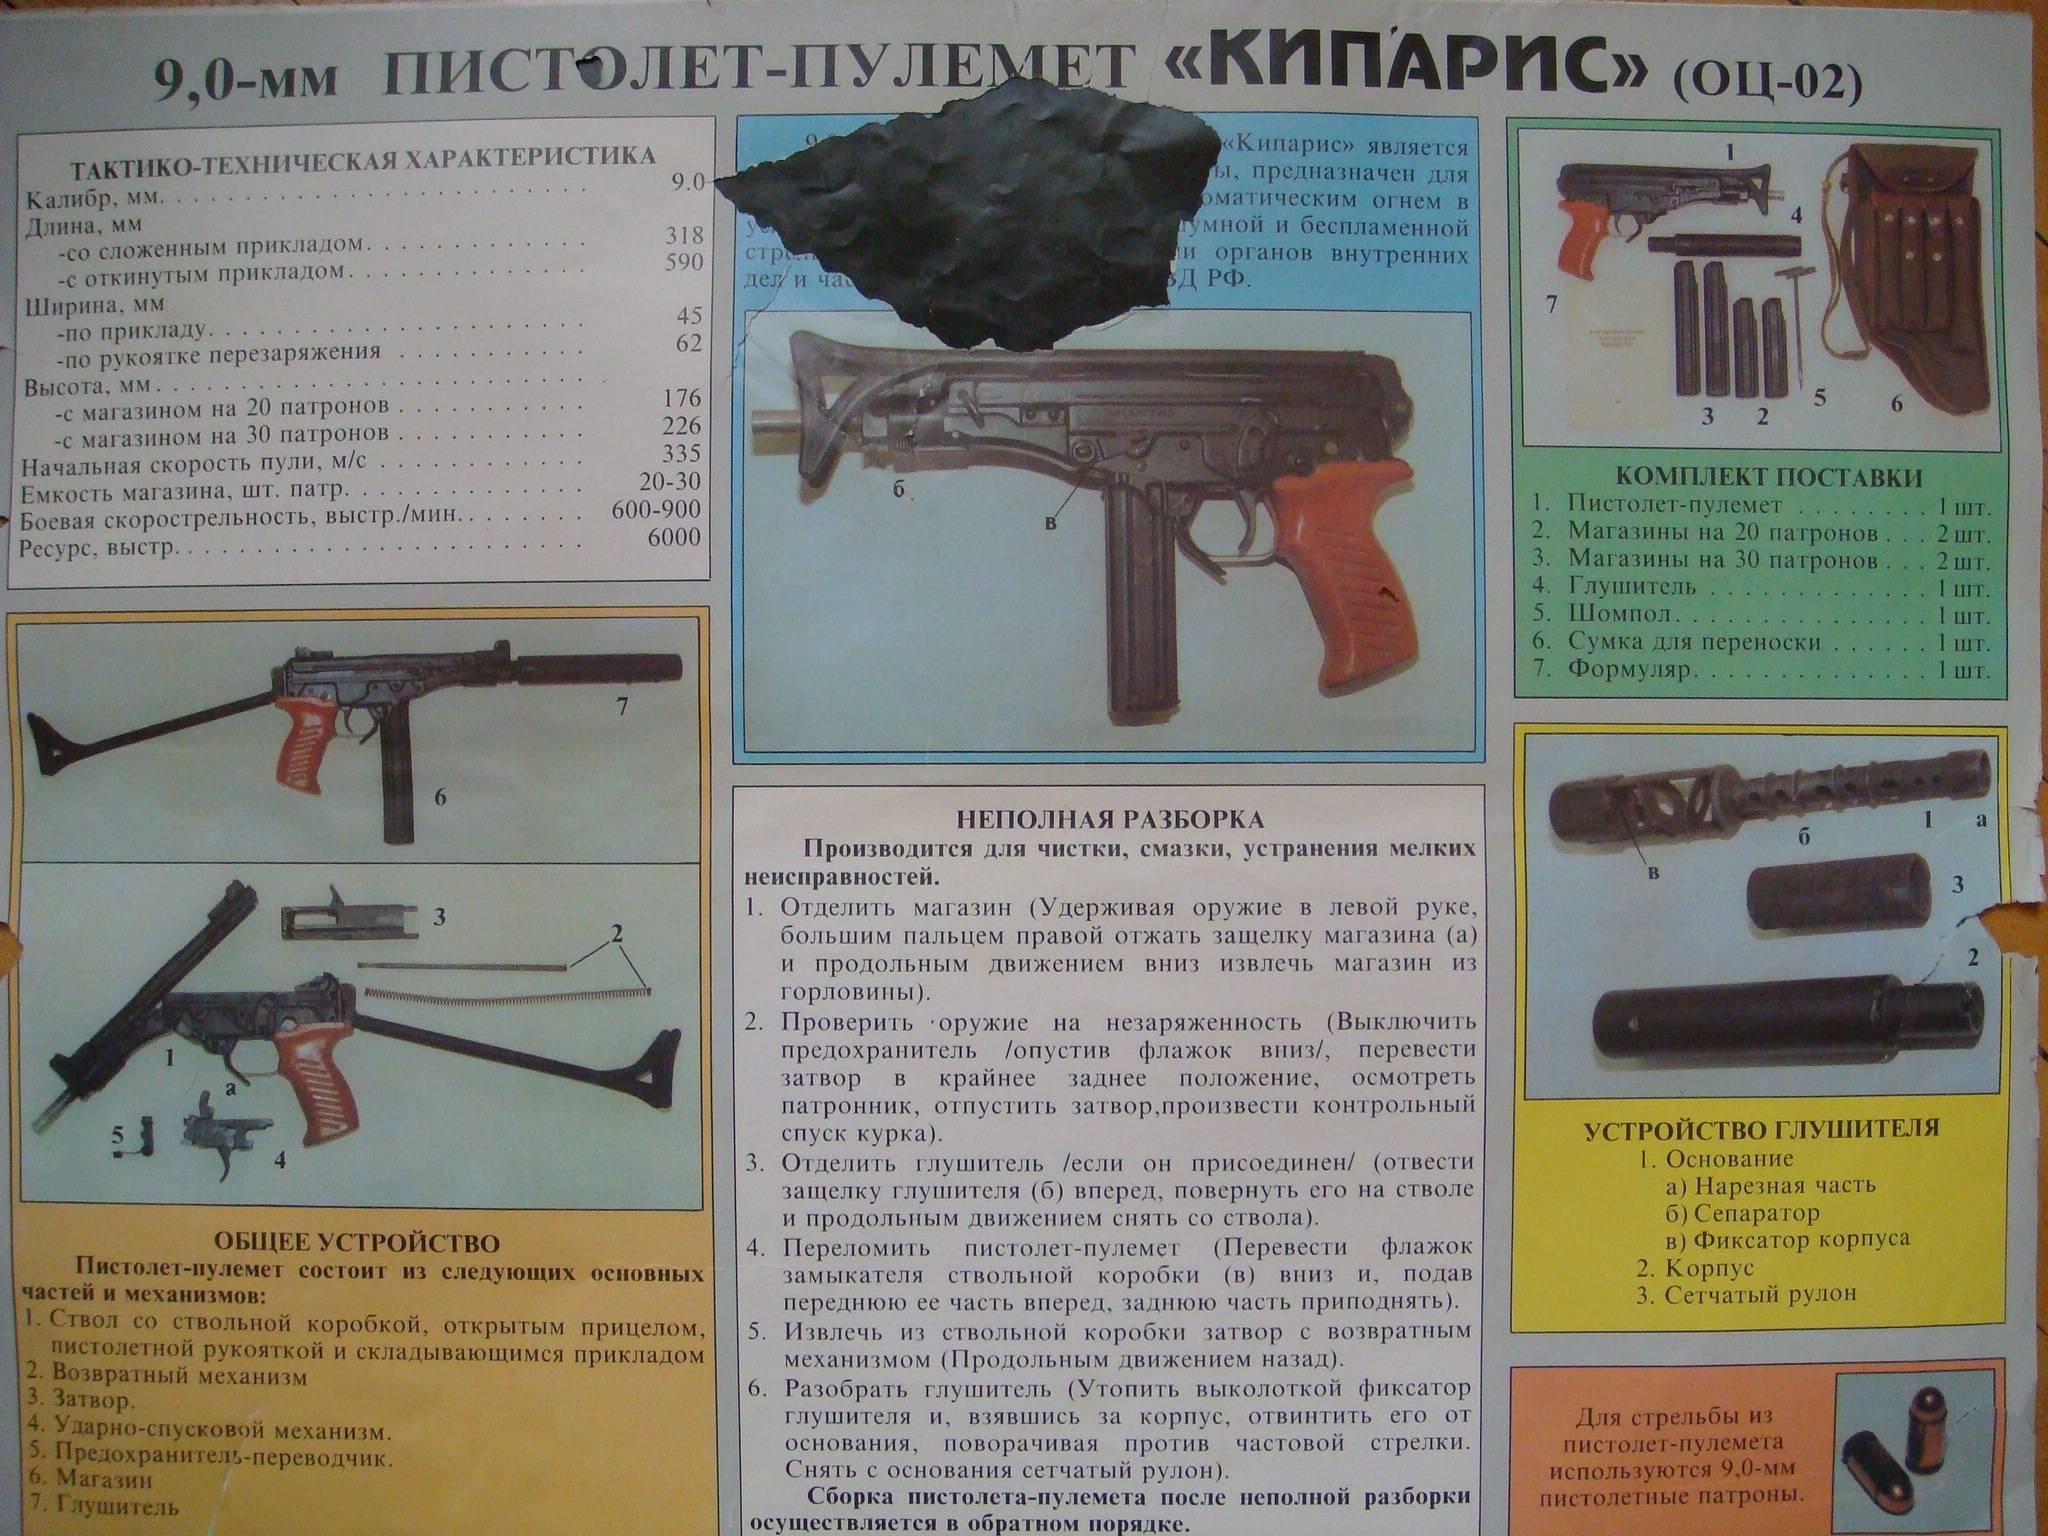 Ср-2 вереск ттх. фото. видео. размеры. скорострельность. скорость пули. прицельная дальность. вес